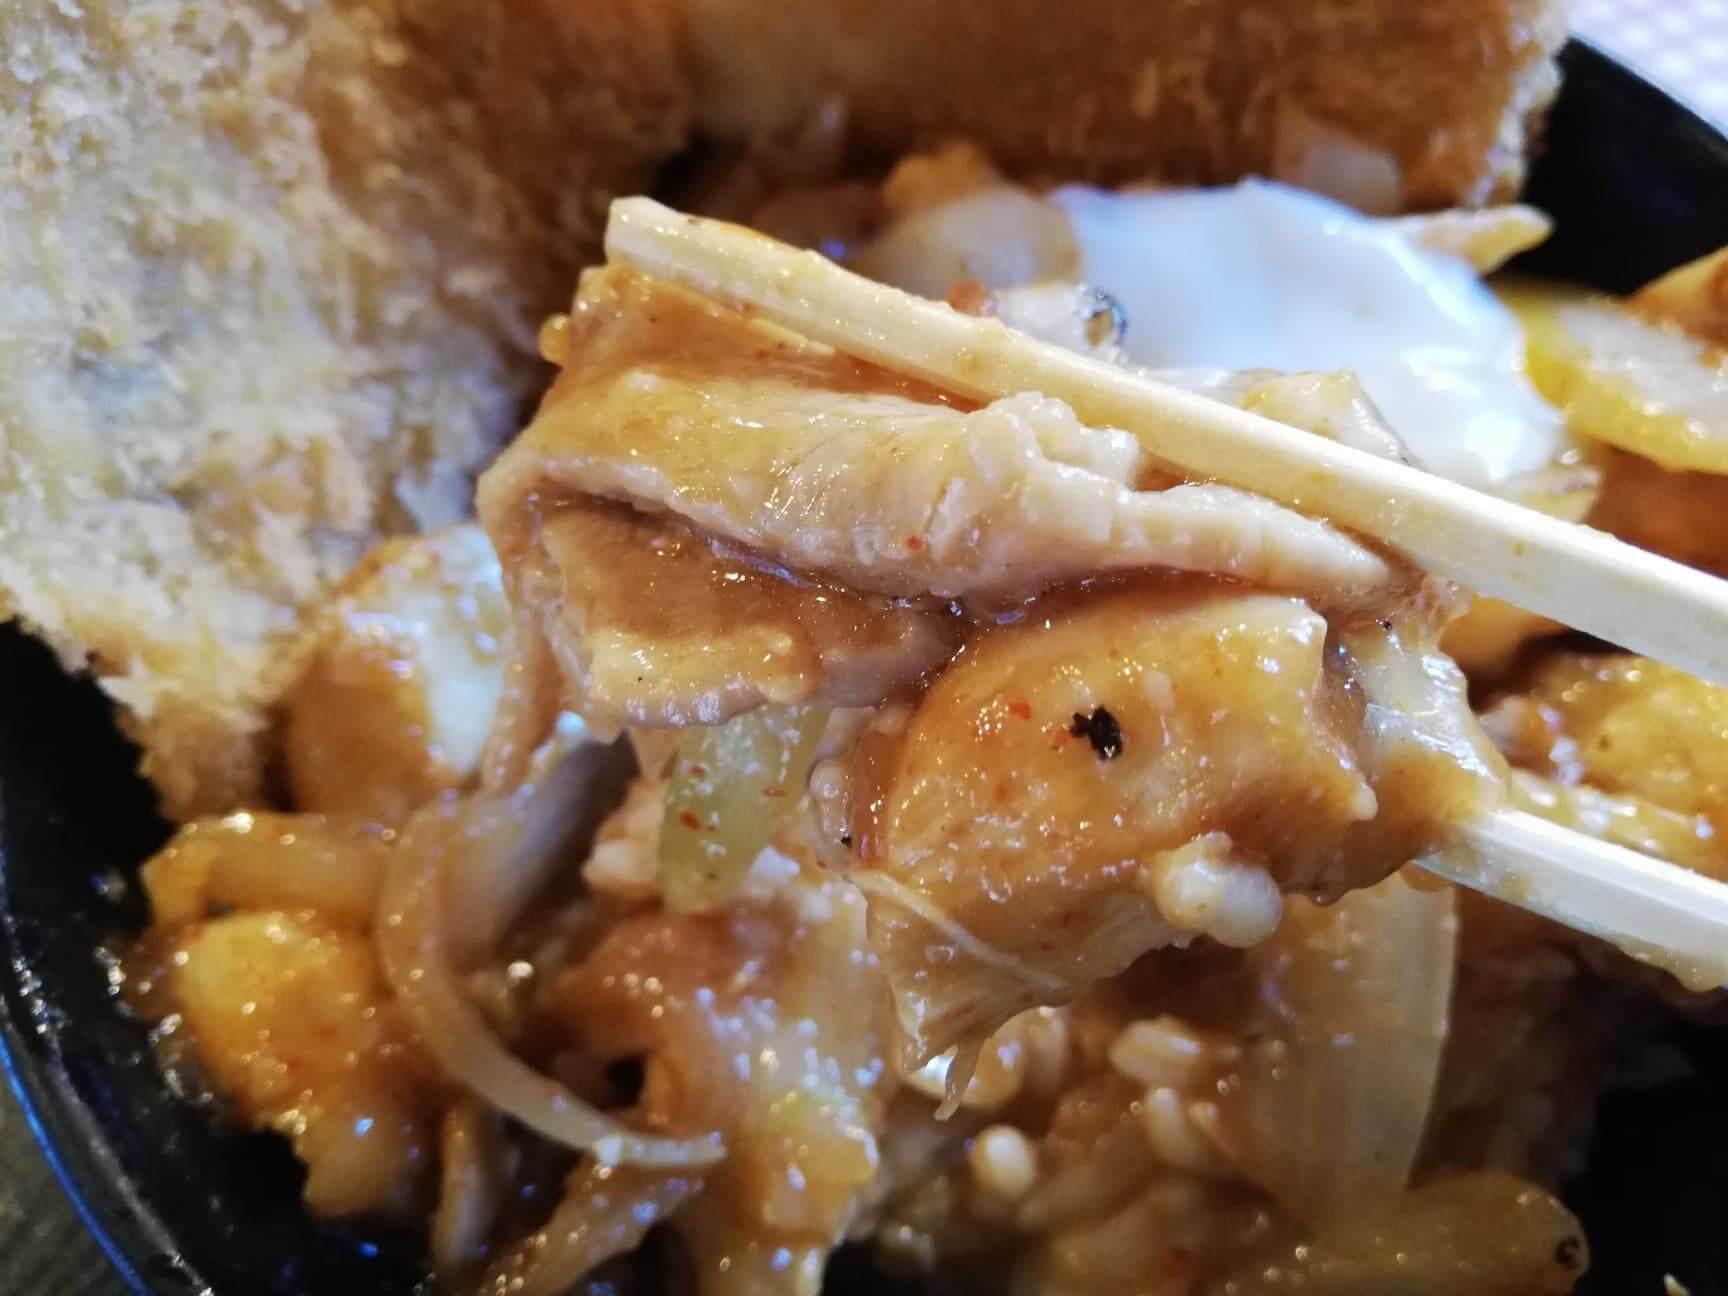 江古田『キッチン男の晩ごはん女の昼ごはん』のスタミナ野郎丼(極み)を箸で持ち上げた写真